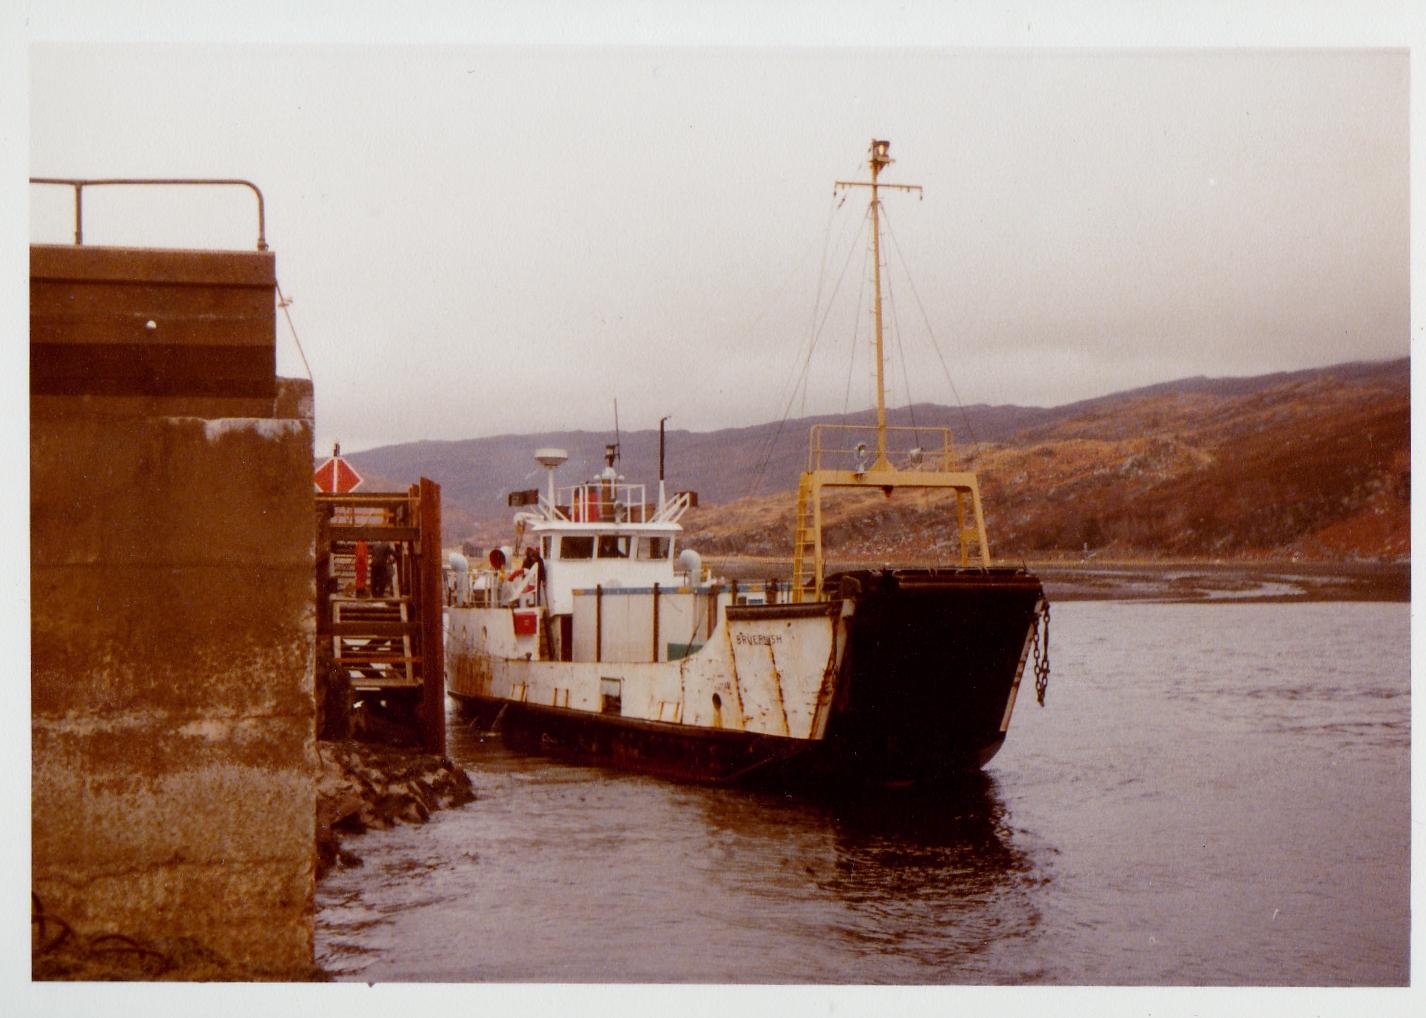 Bruernish at Toscaig, 1977